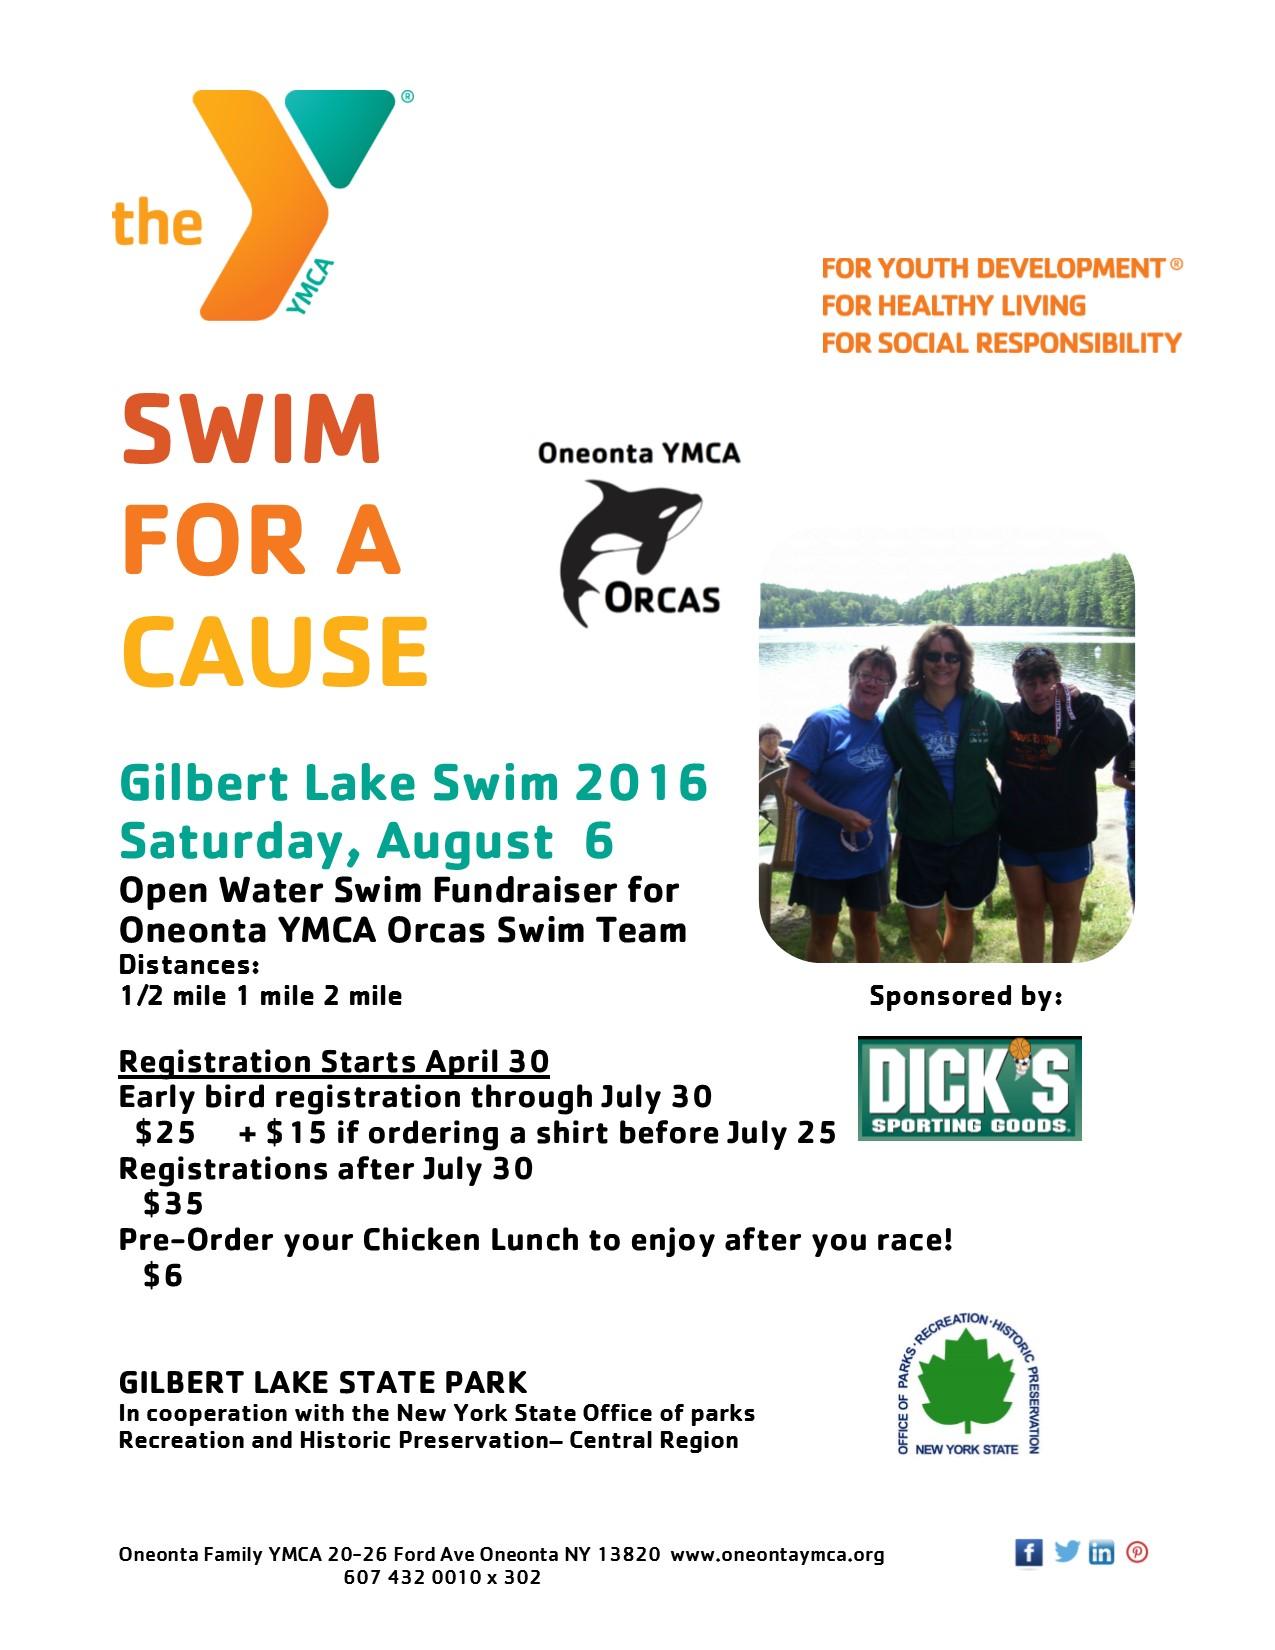 Gilbert Lake Swim